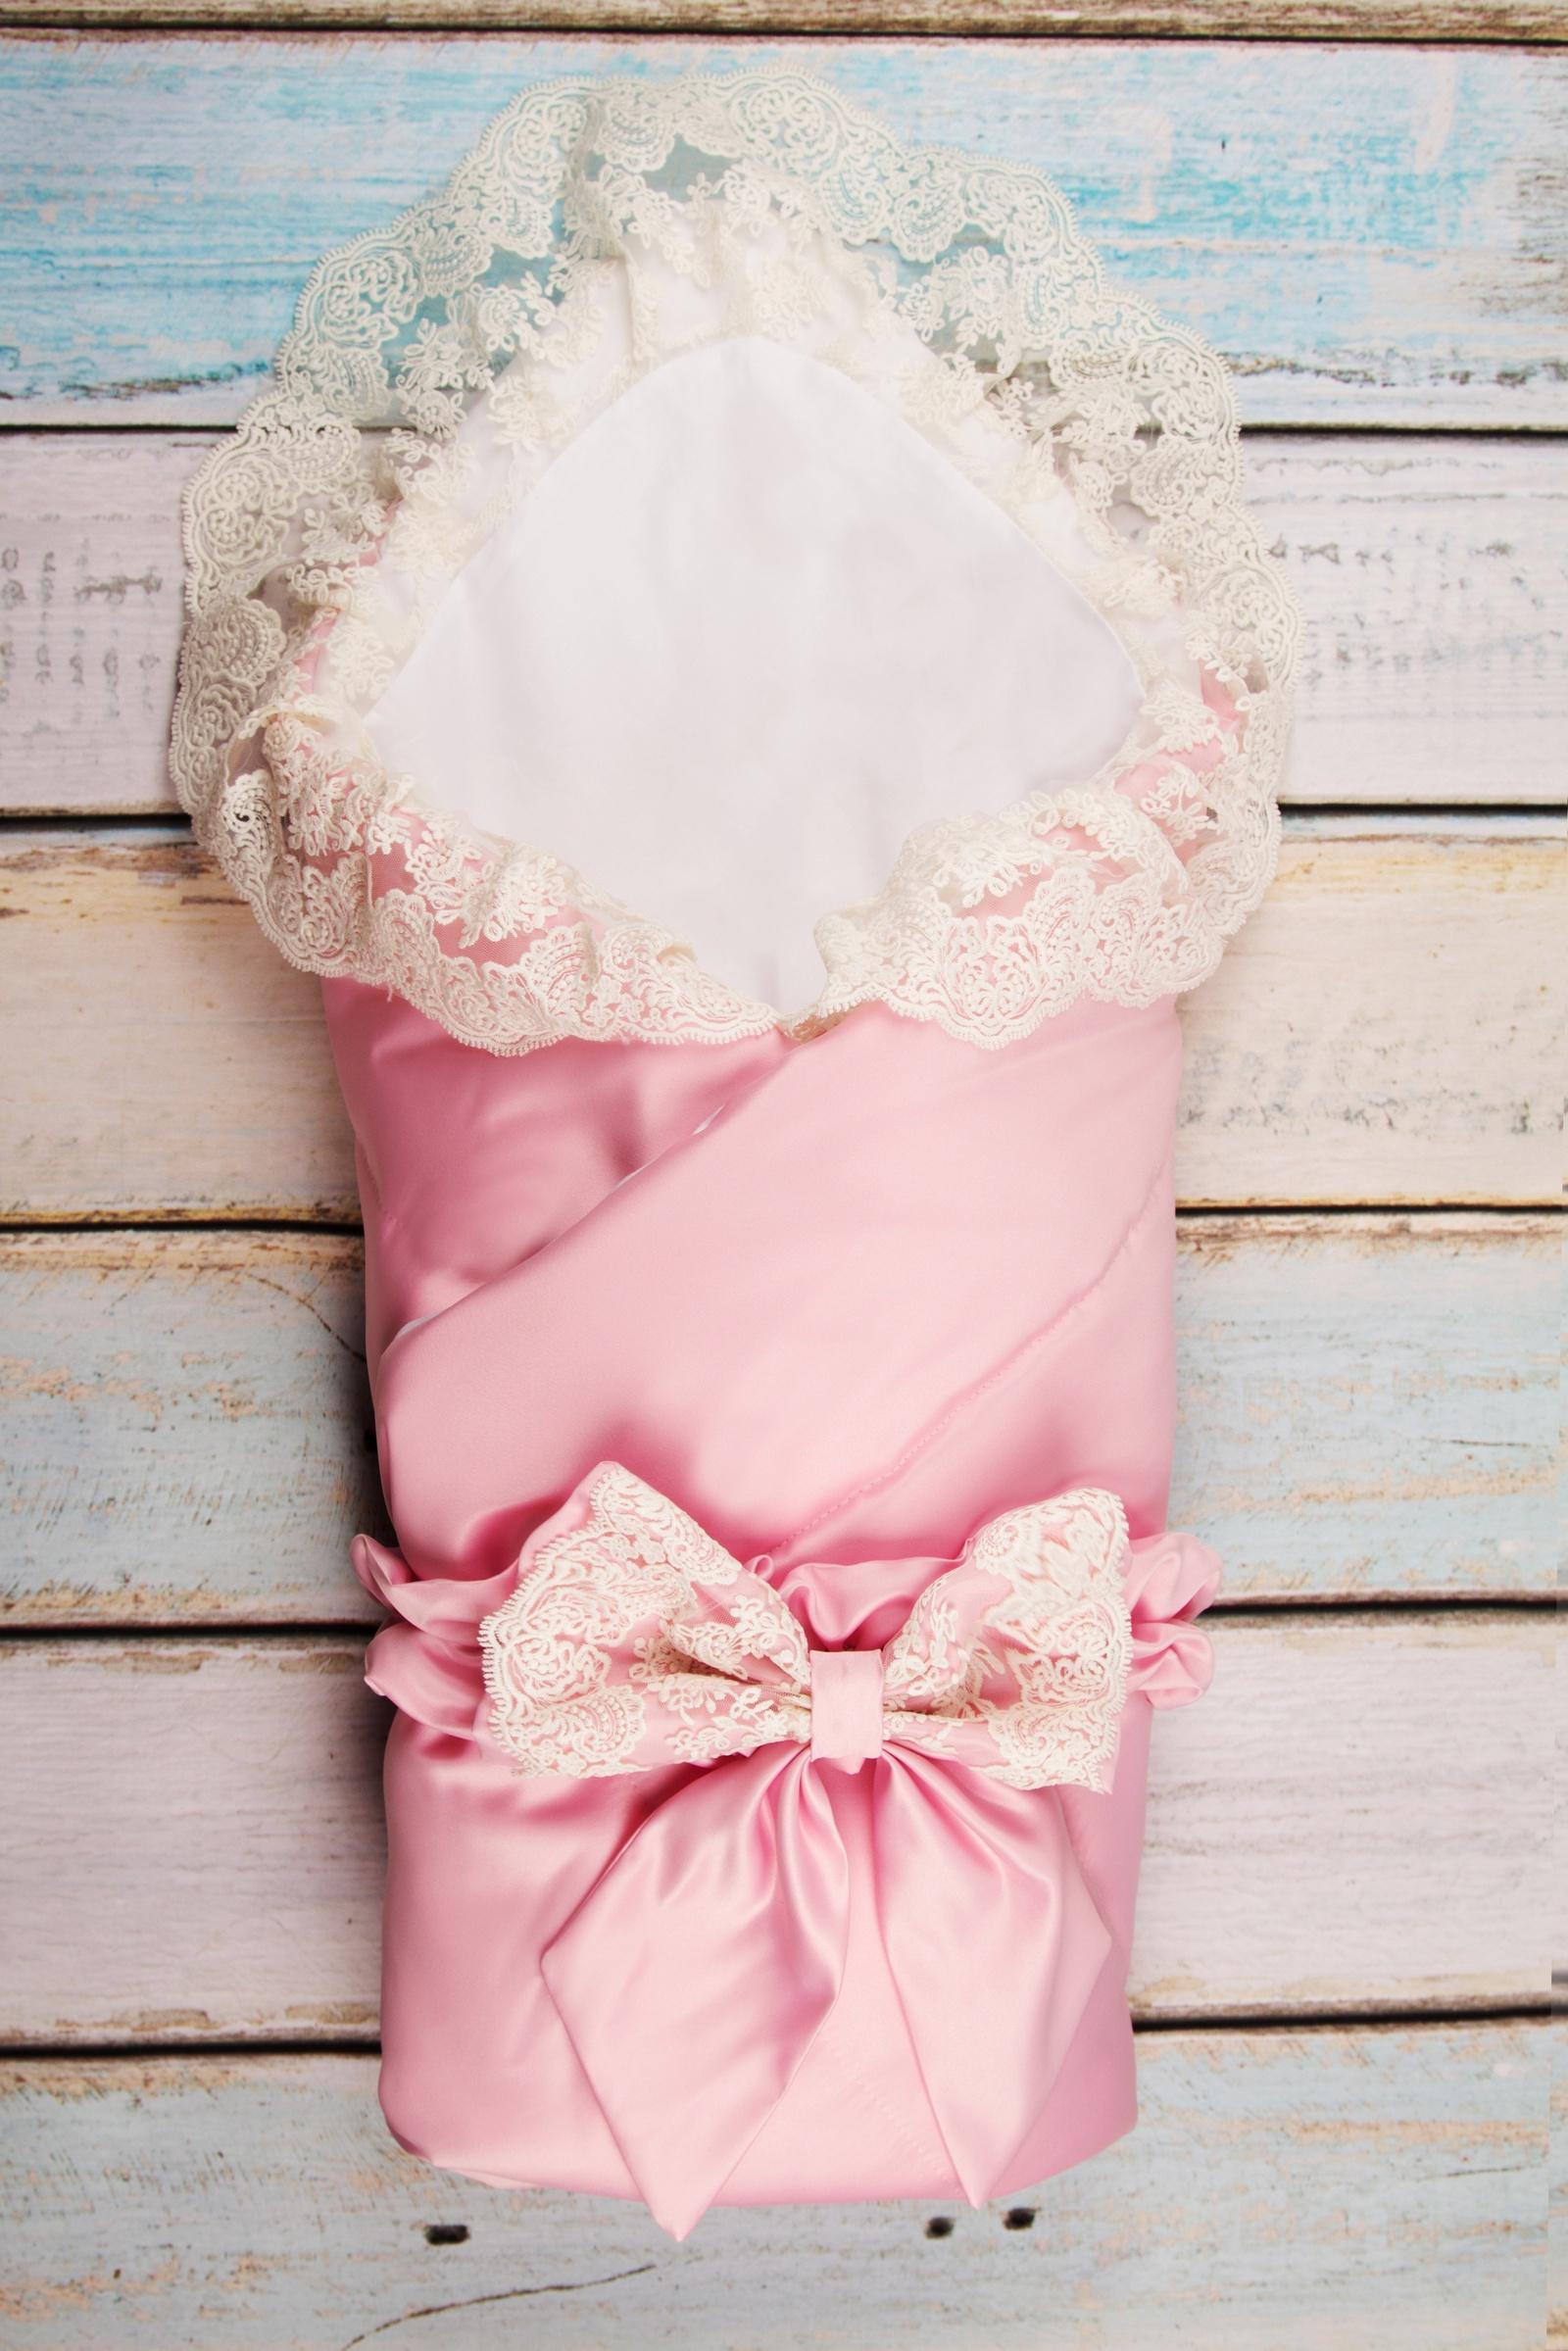 Конверт для прогулок/в коляску Now Wow, розовый 92 размер конверт в коляску осьминожка яблочный садик цвет розовый к148 размер 56 62 0 3 месяца